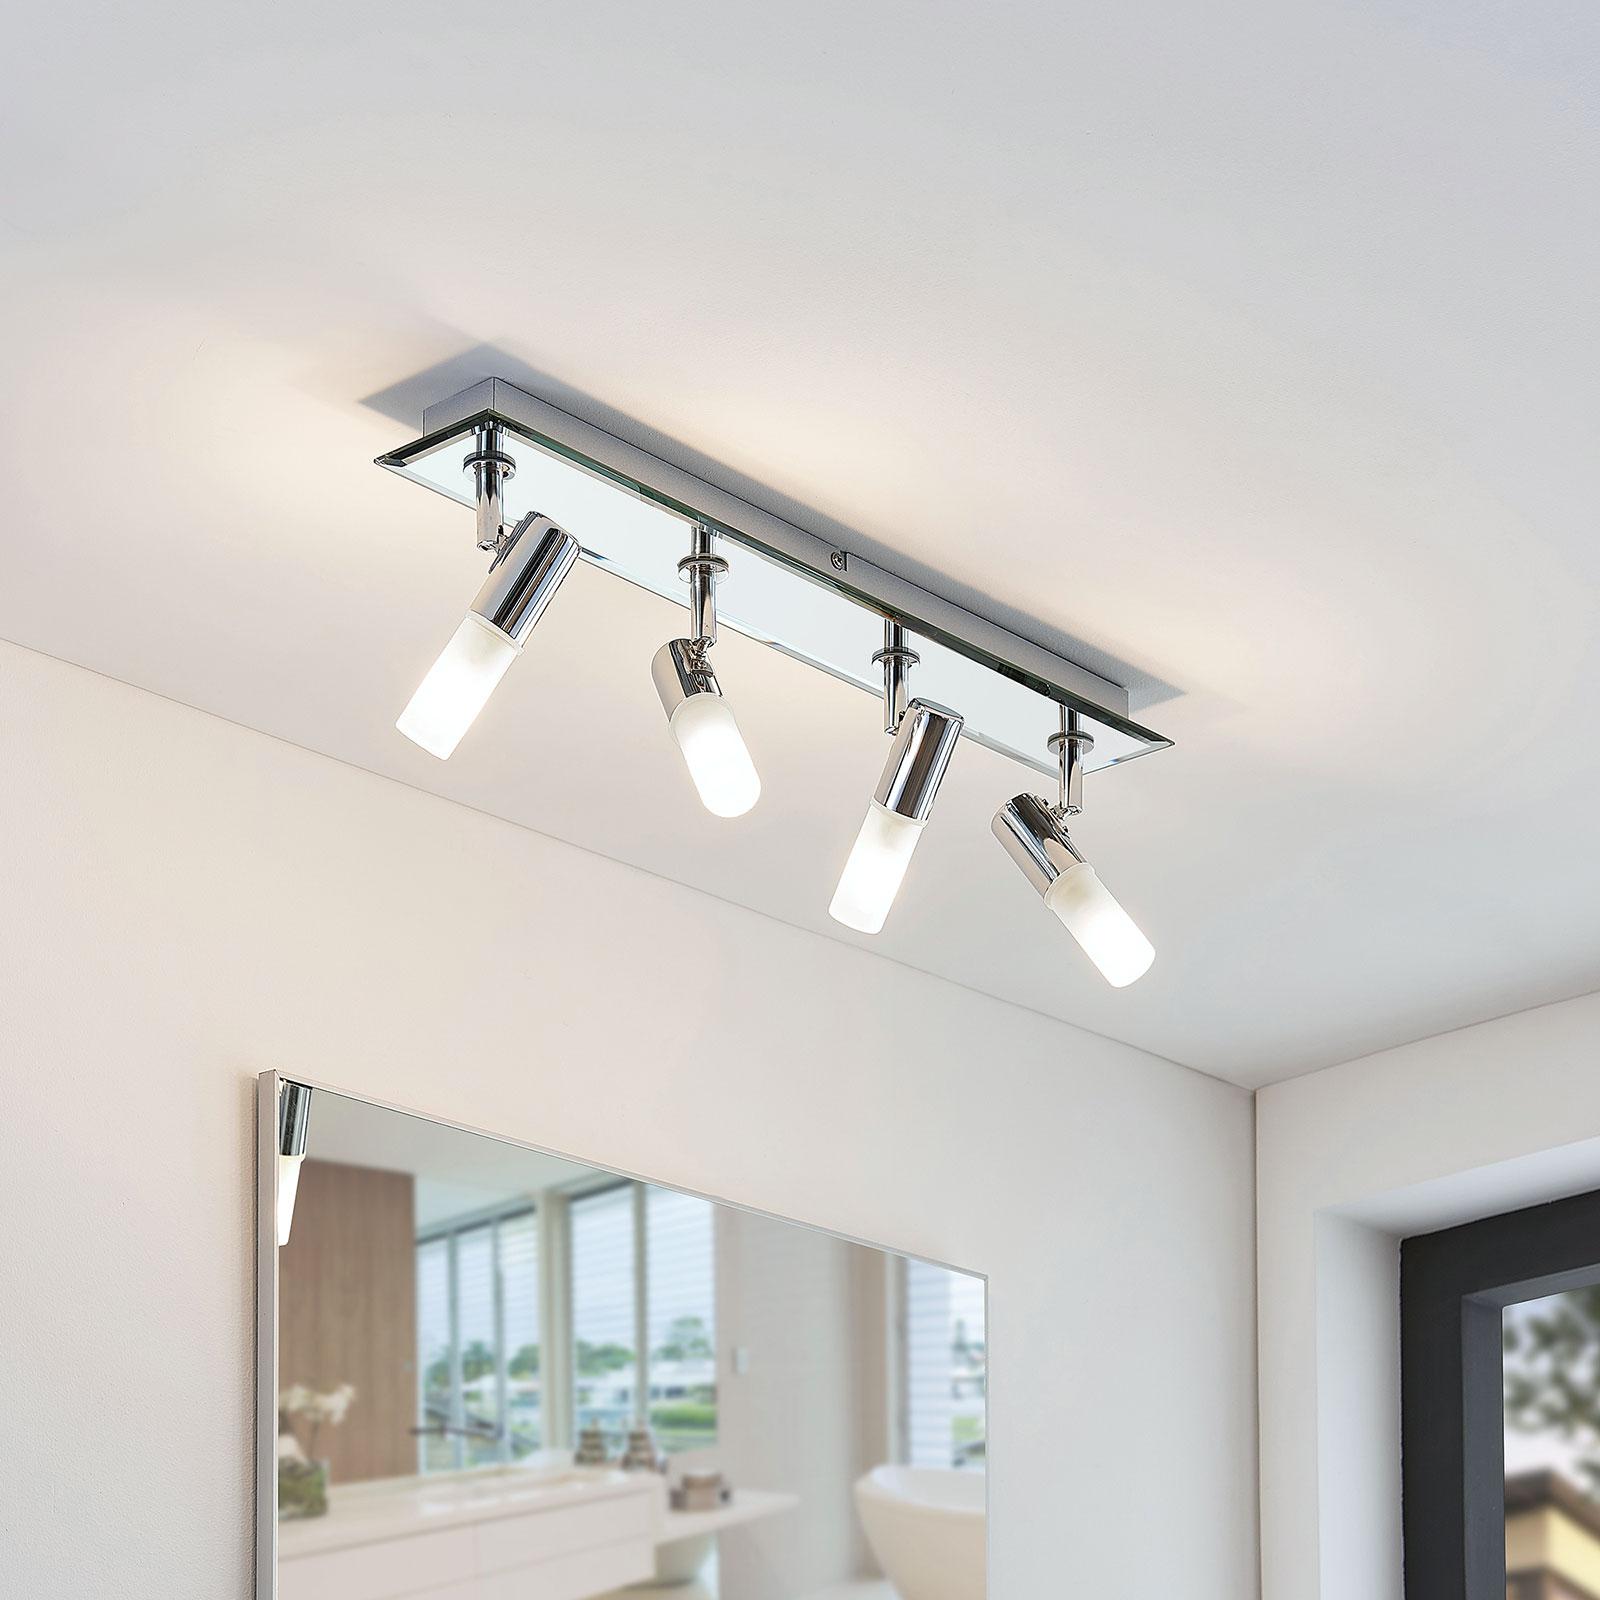 Koupelnové světlo stropní Zela, 4zdrojové, 53 cm